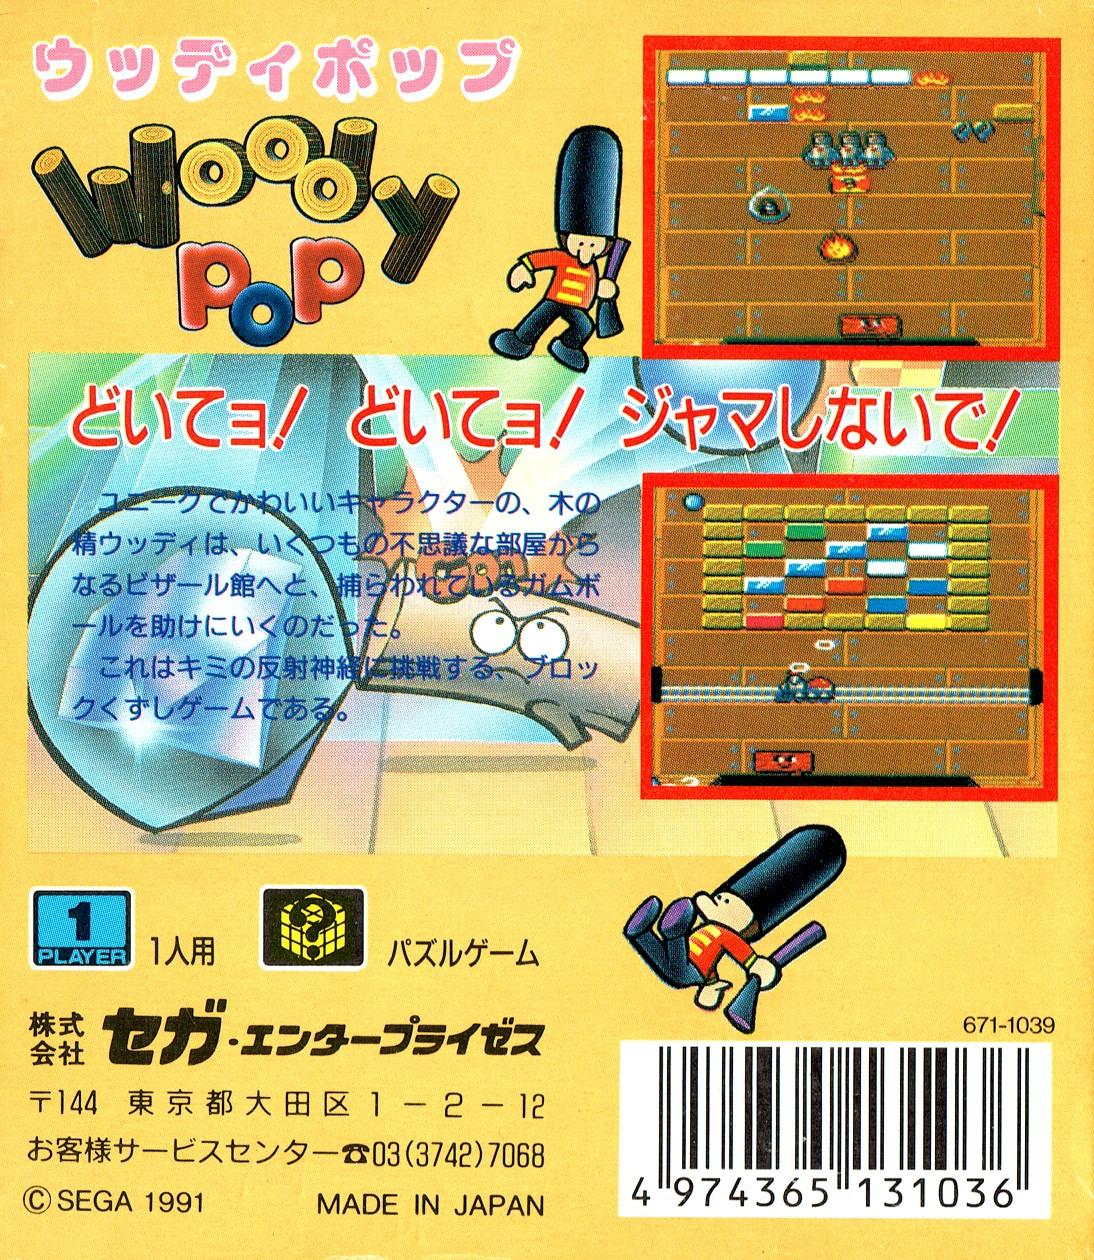 Face arriere du boxart du jeu Woody Pop (Japon) sur Sega Game Gear